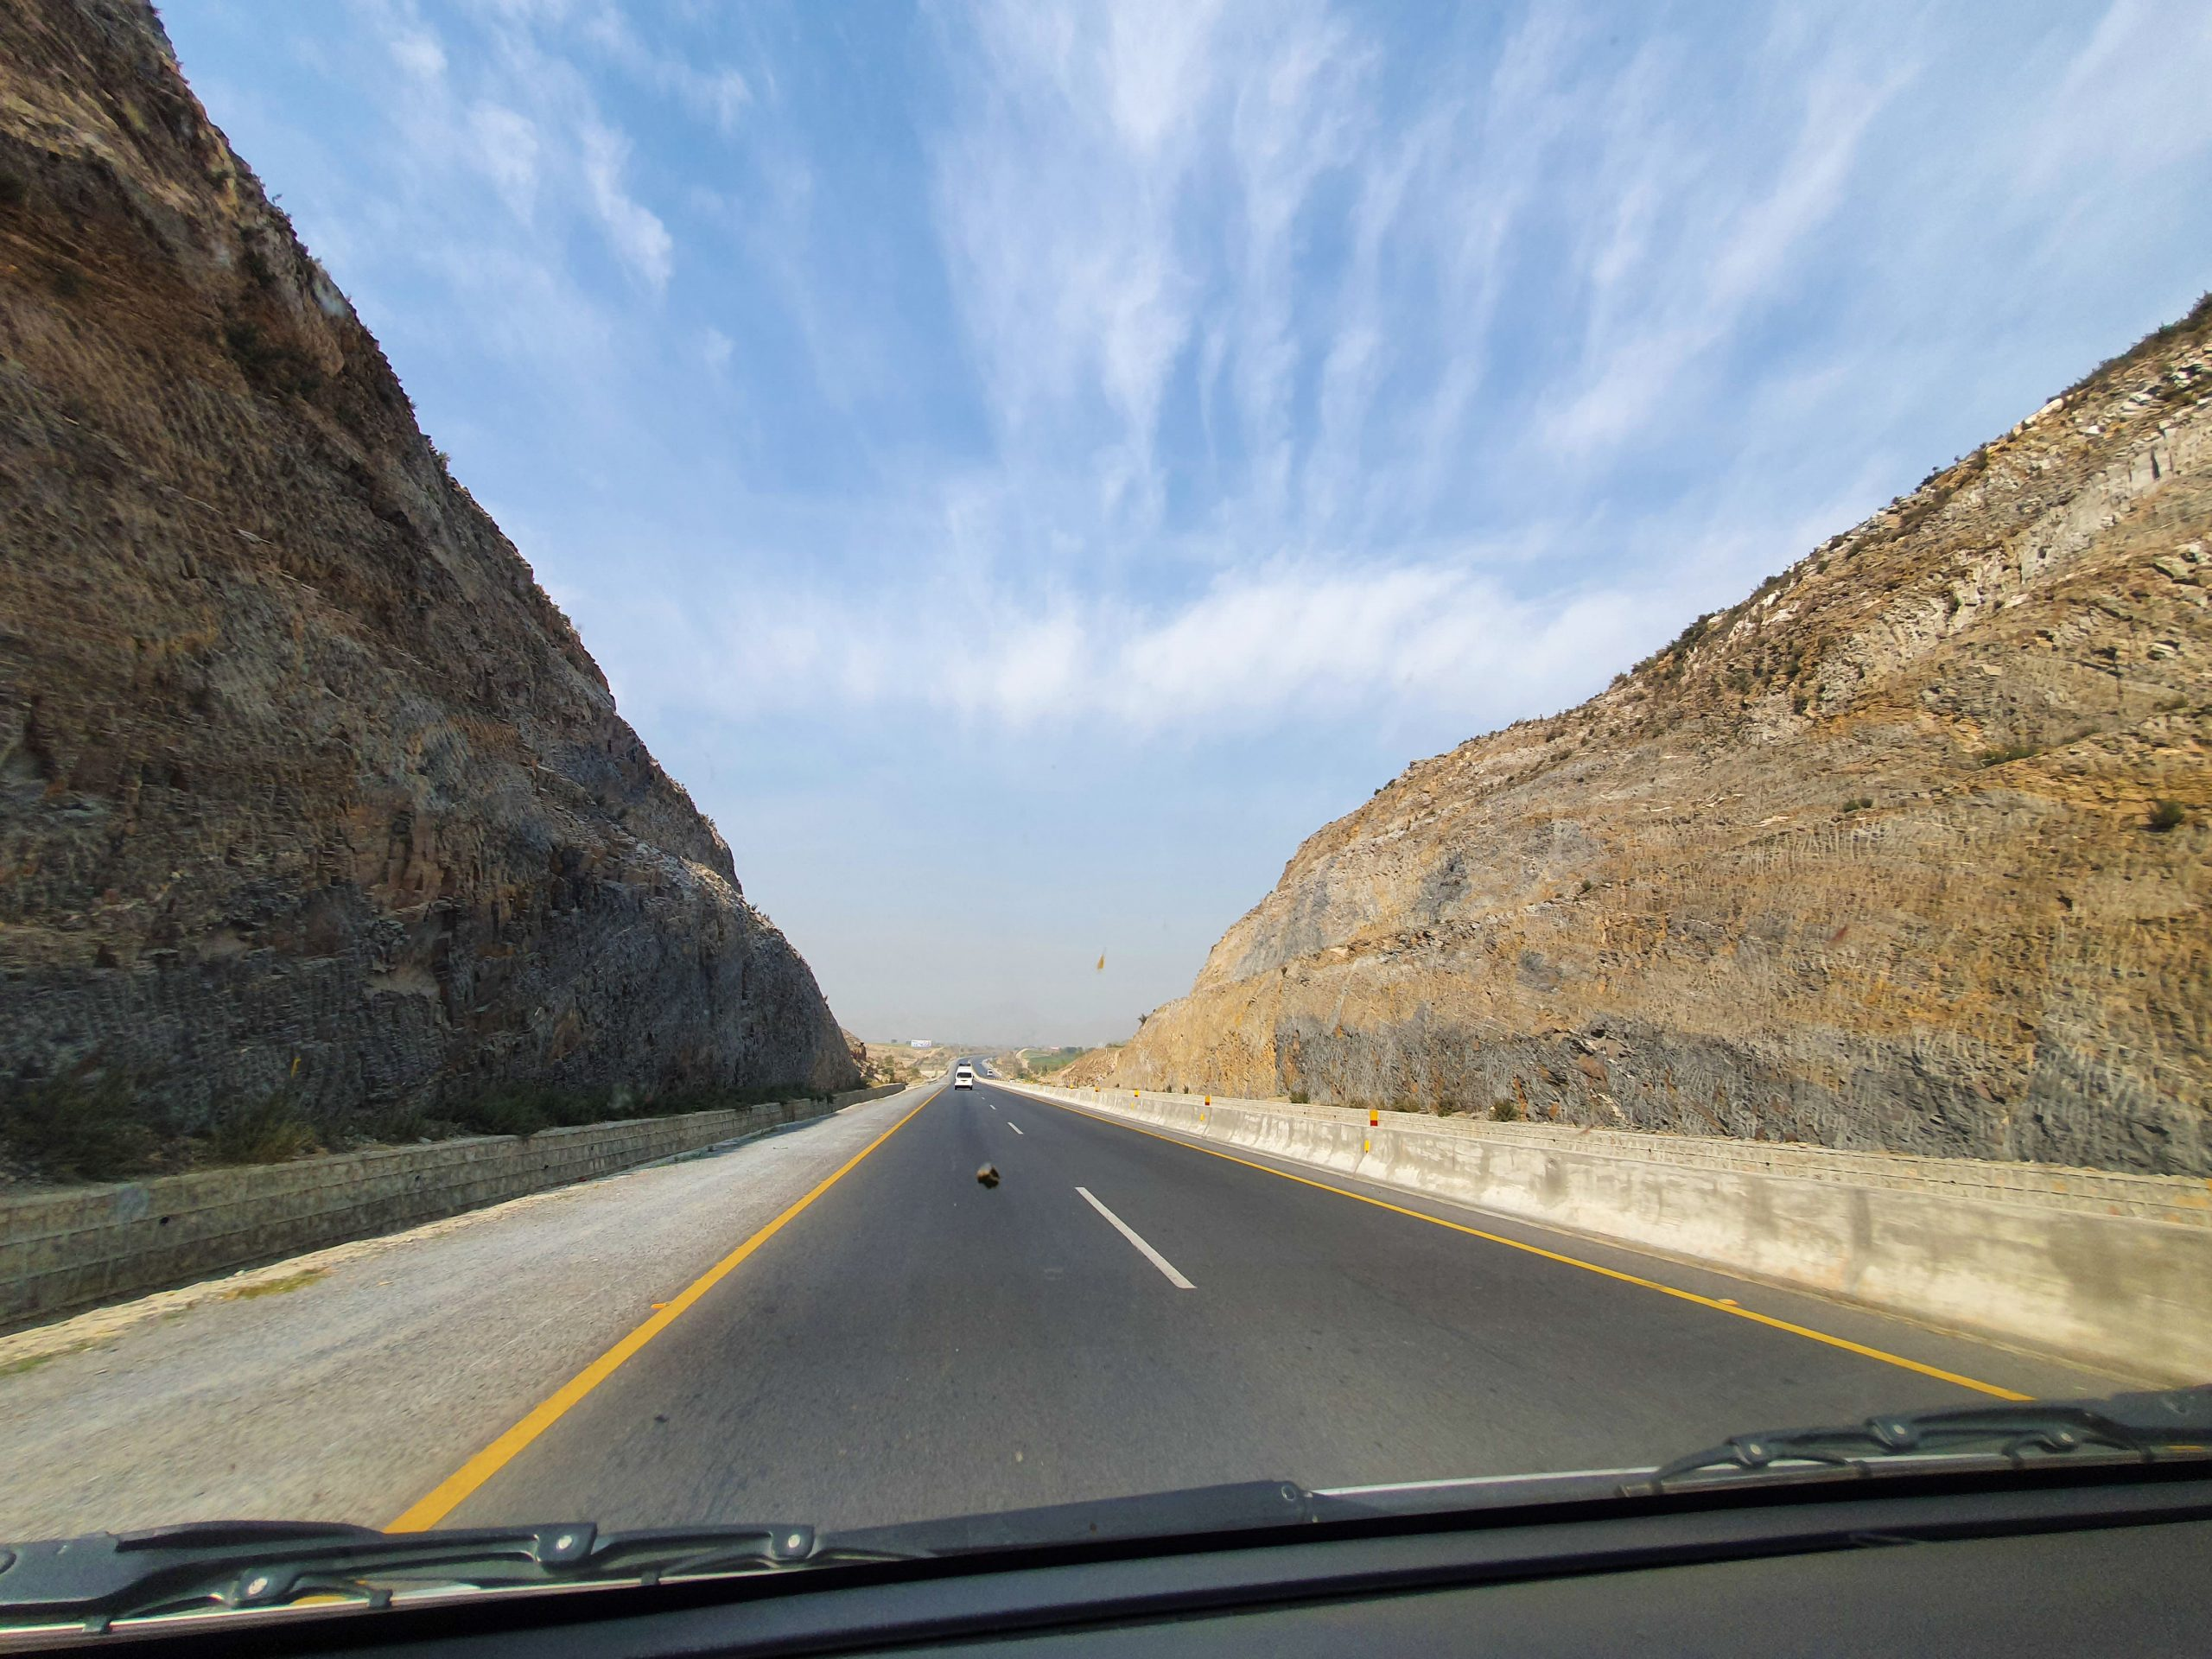 kalam_road_view-min